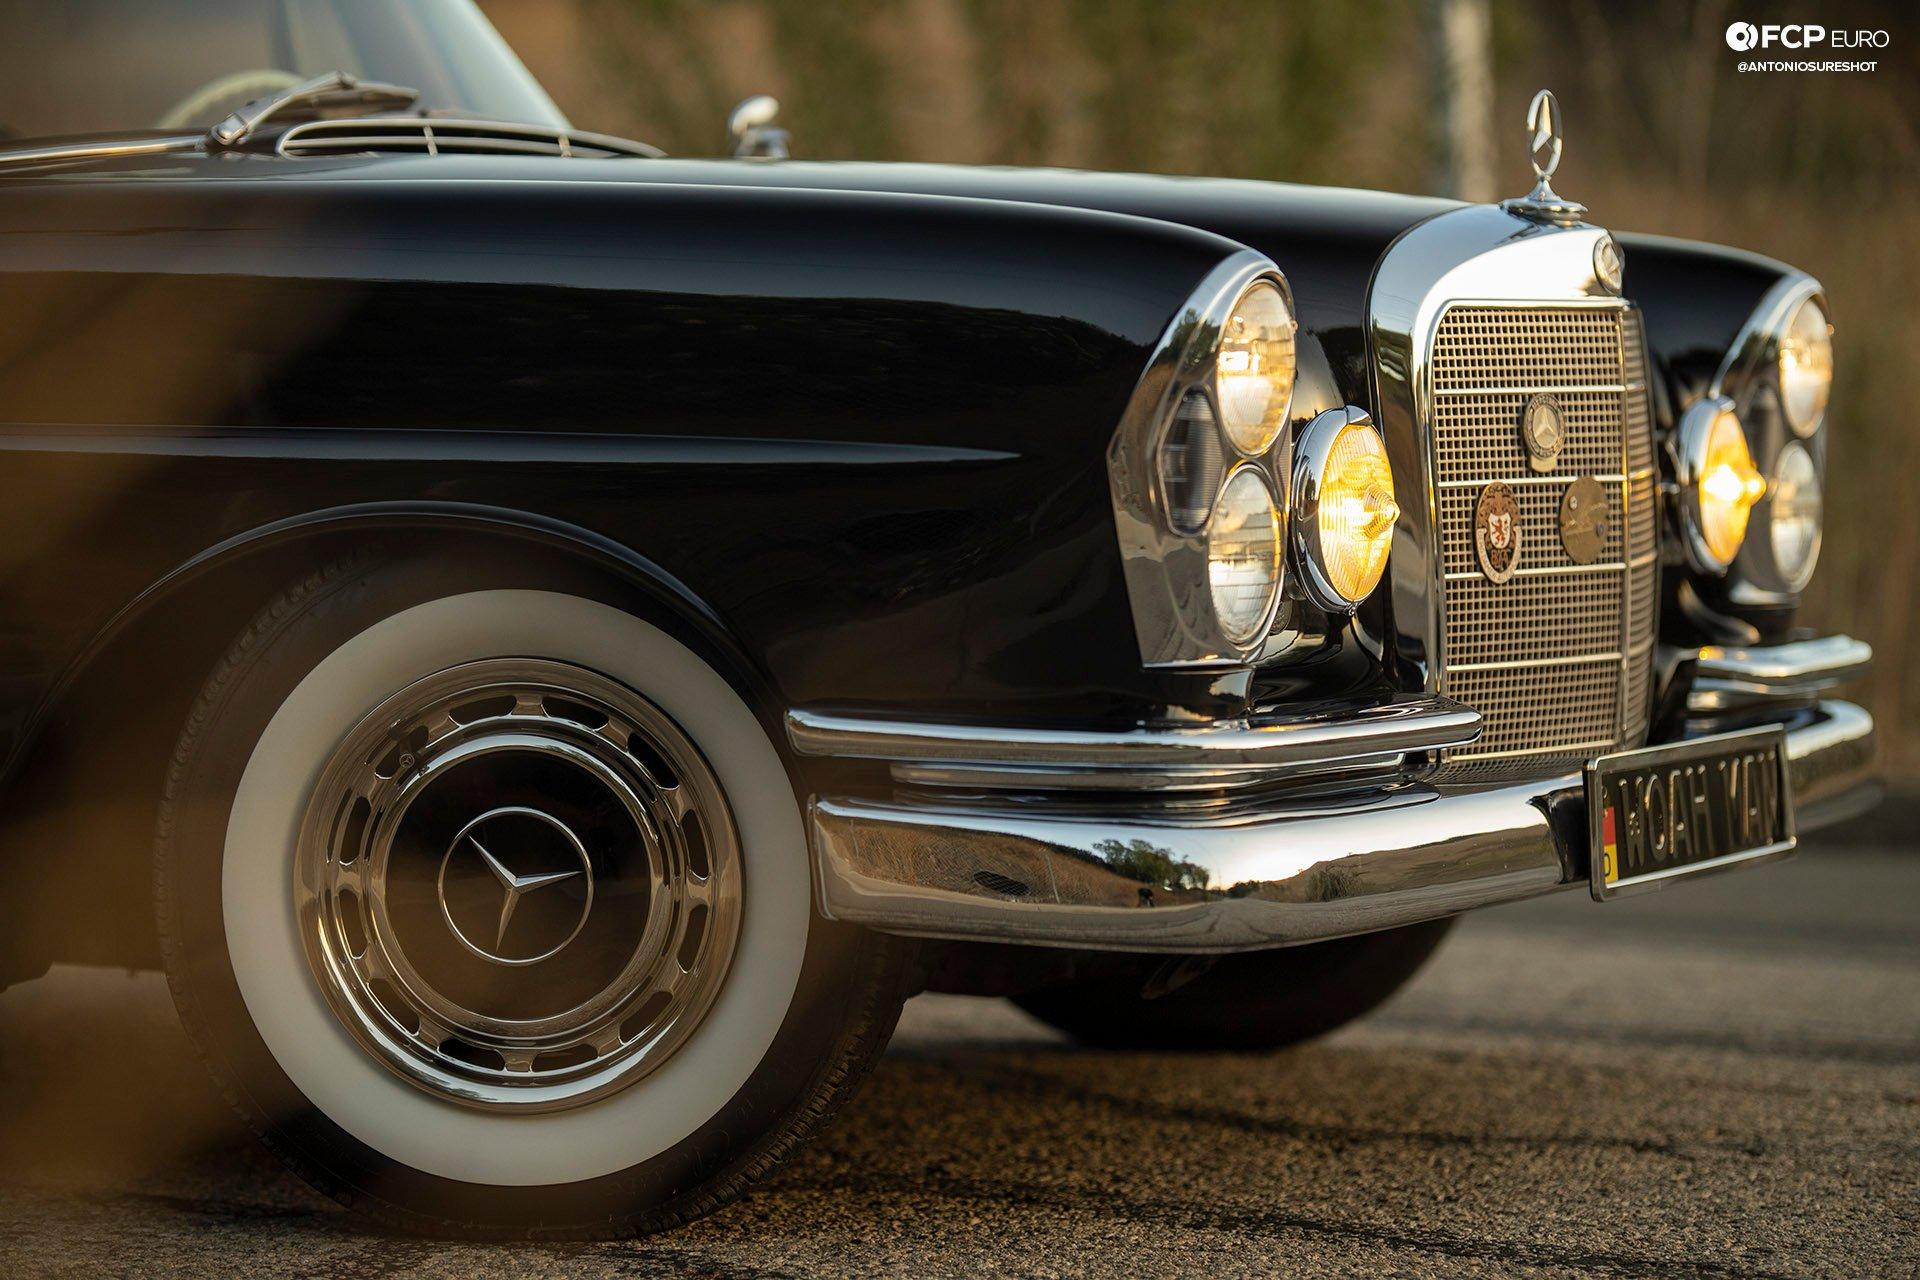 Mercedes Benz 220S Heckflosse Fintail W111 Belinda Benzo EOSR1849